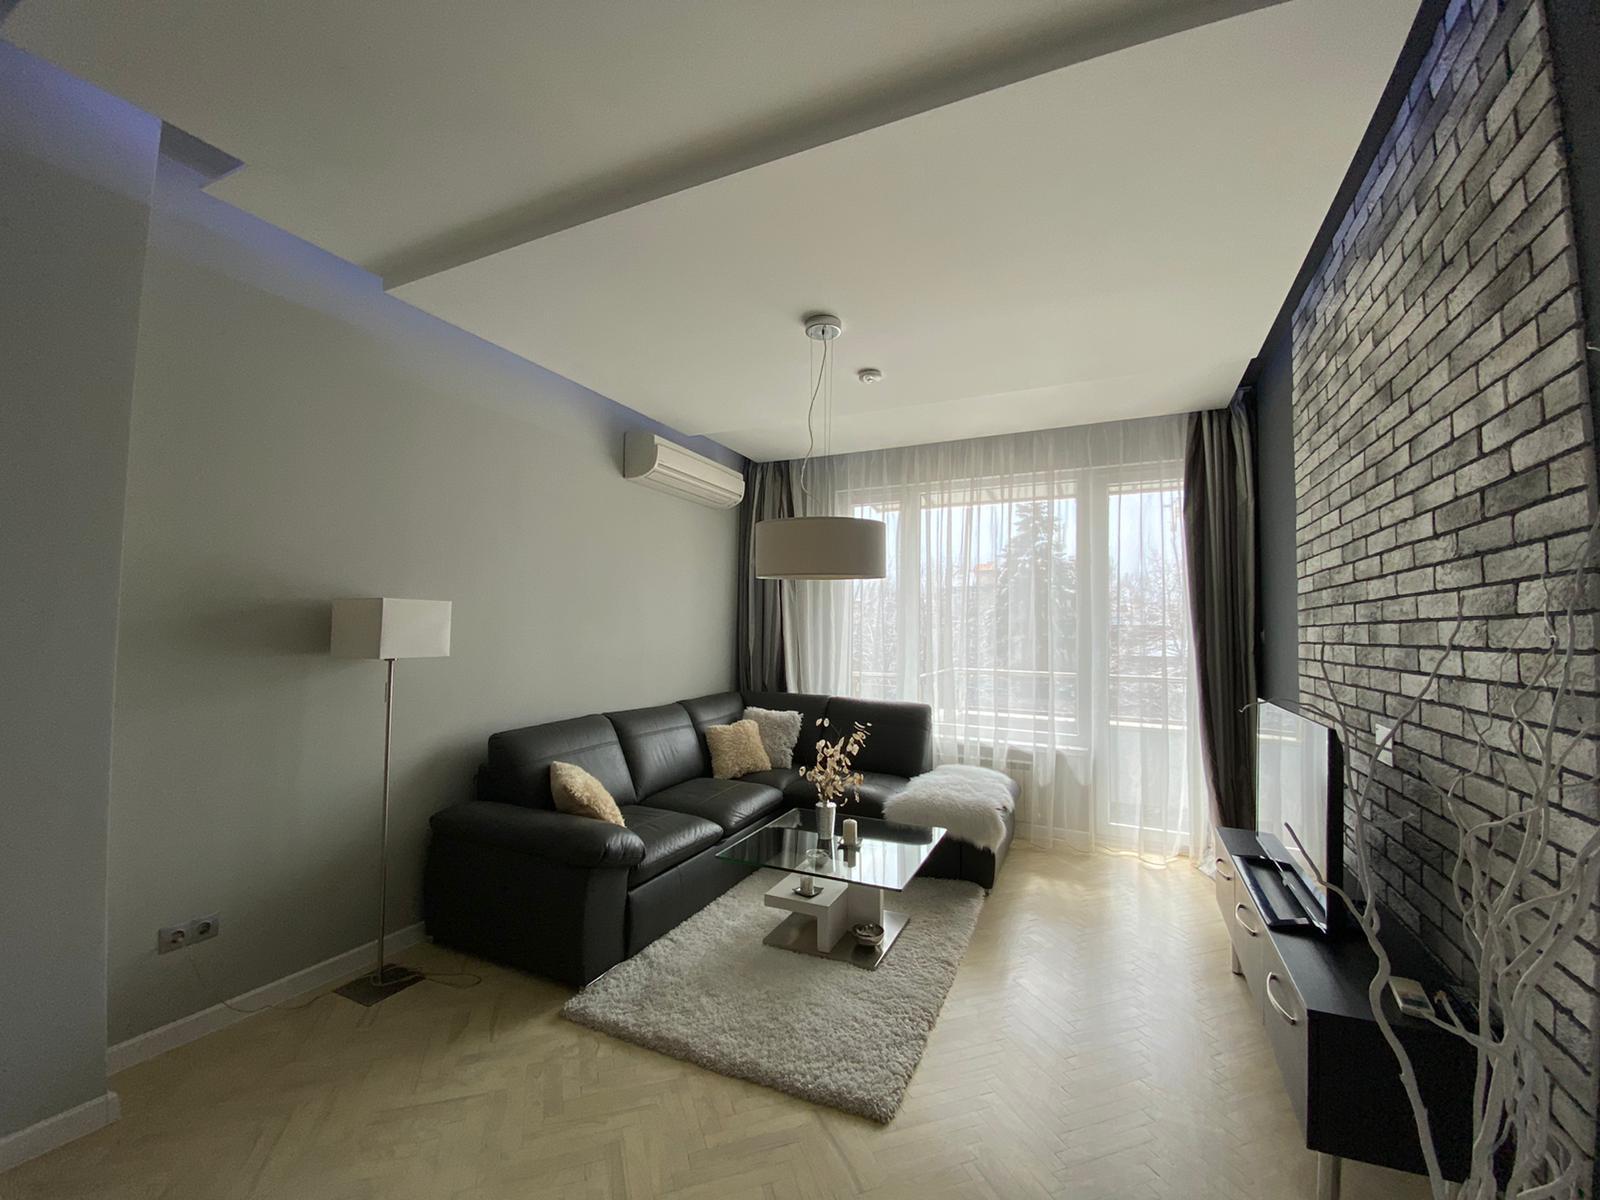 Тристаен апартамент в центъра на София, 80кв.м.